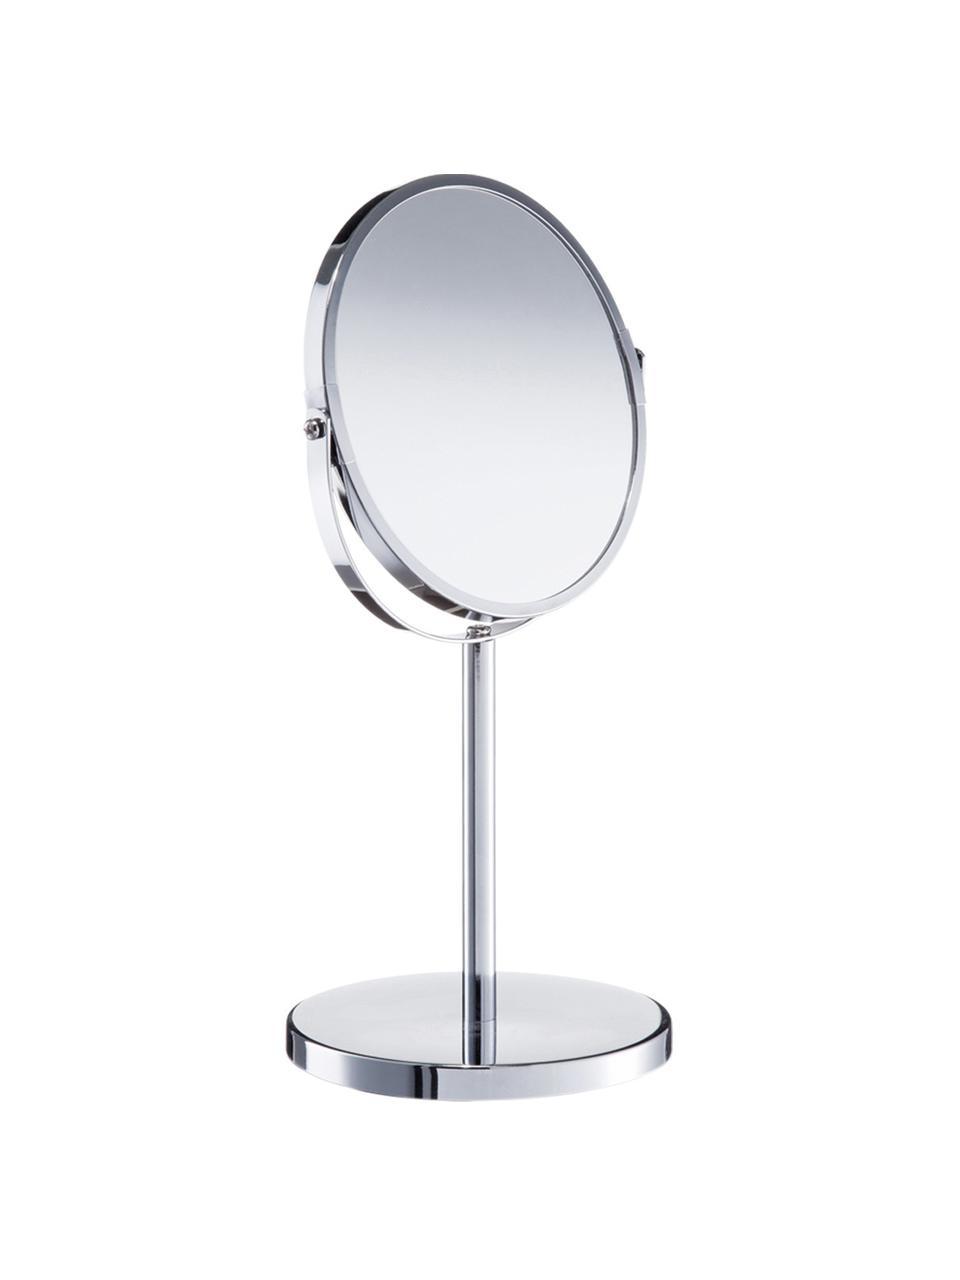 Kosmetické zrcadlo se zvětšením Flip, Stříbrná